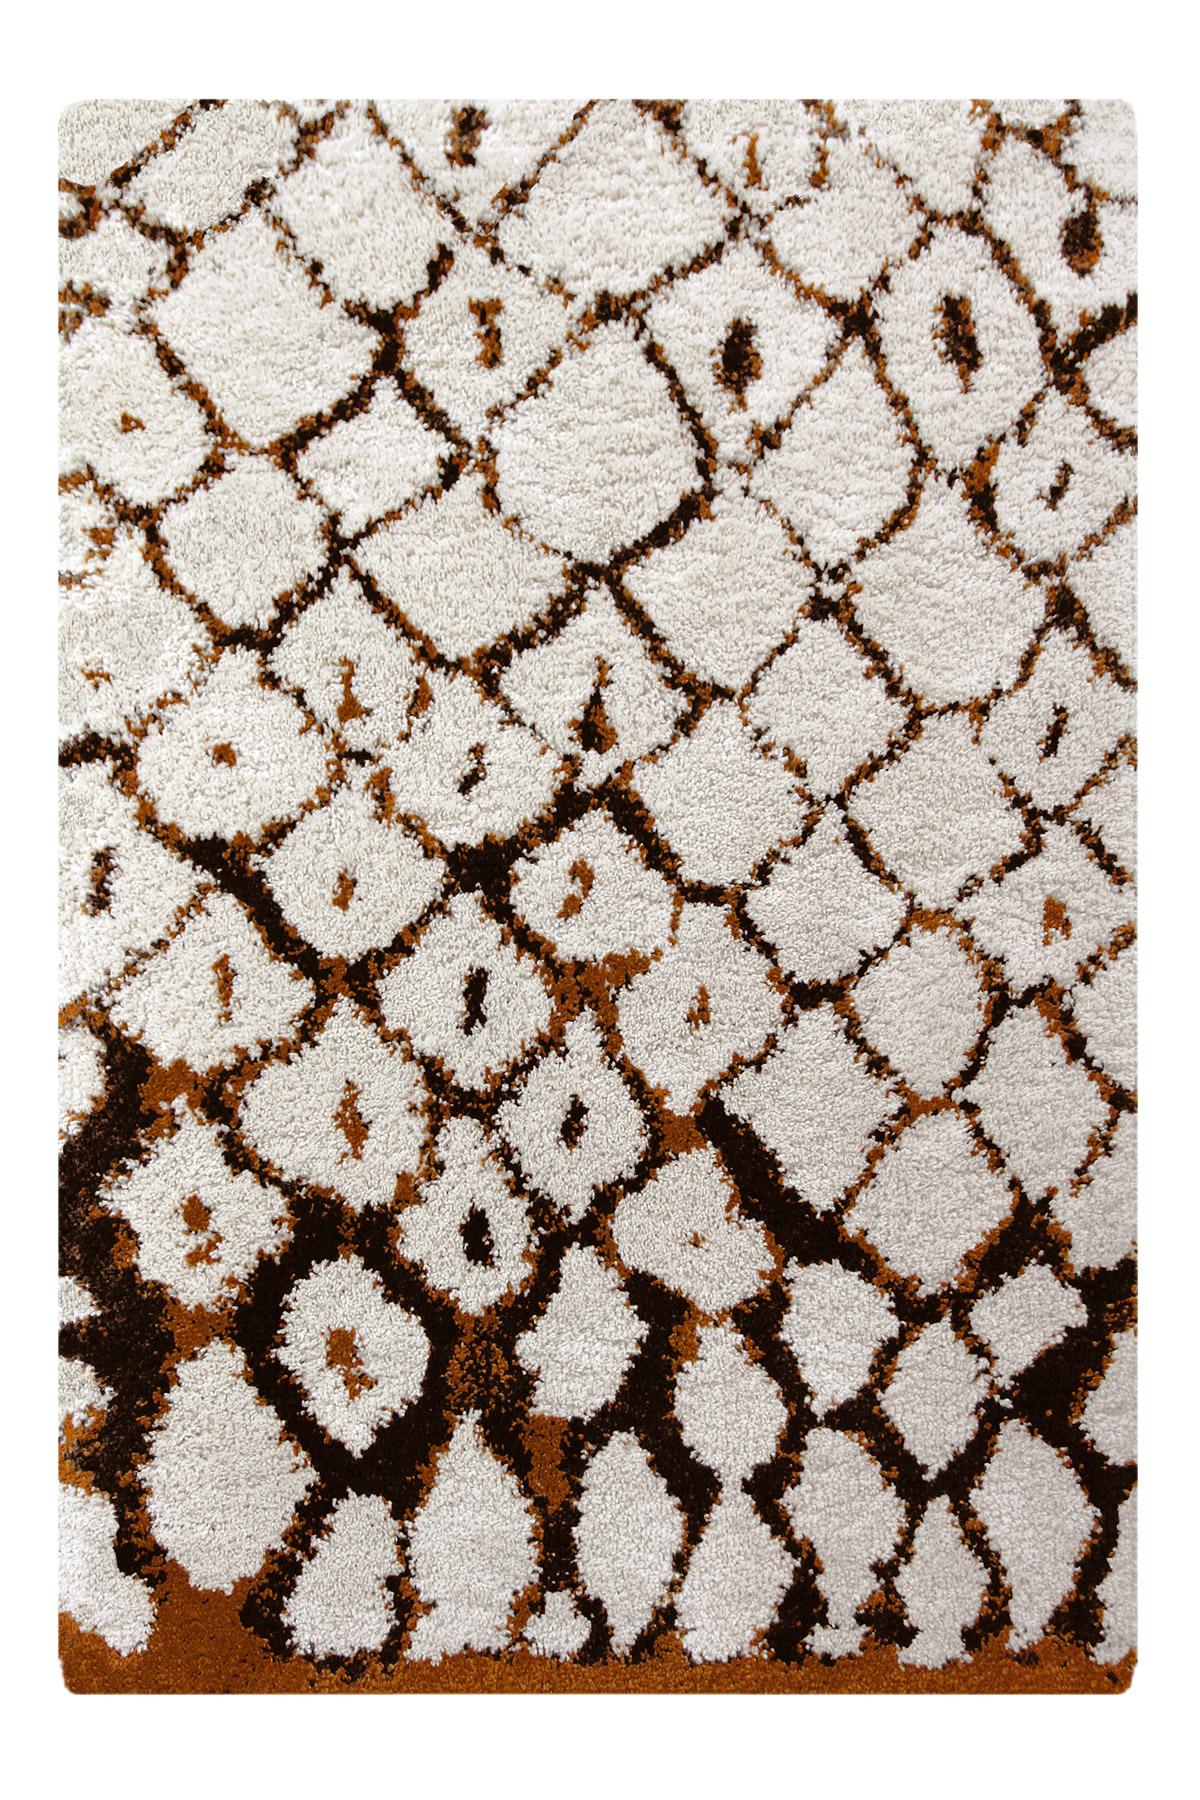 Tapis shaggy marrakech crème 160x230